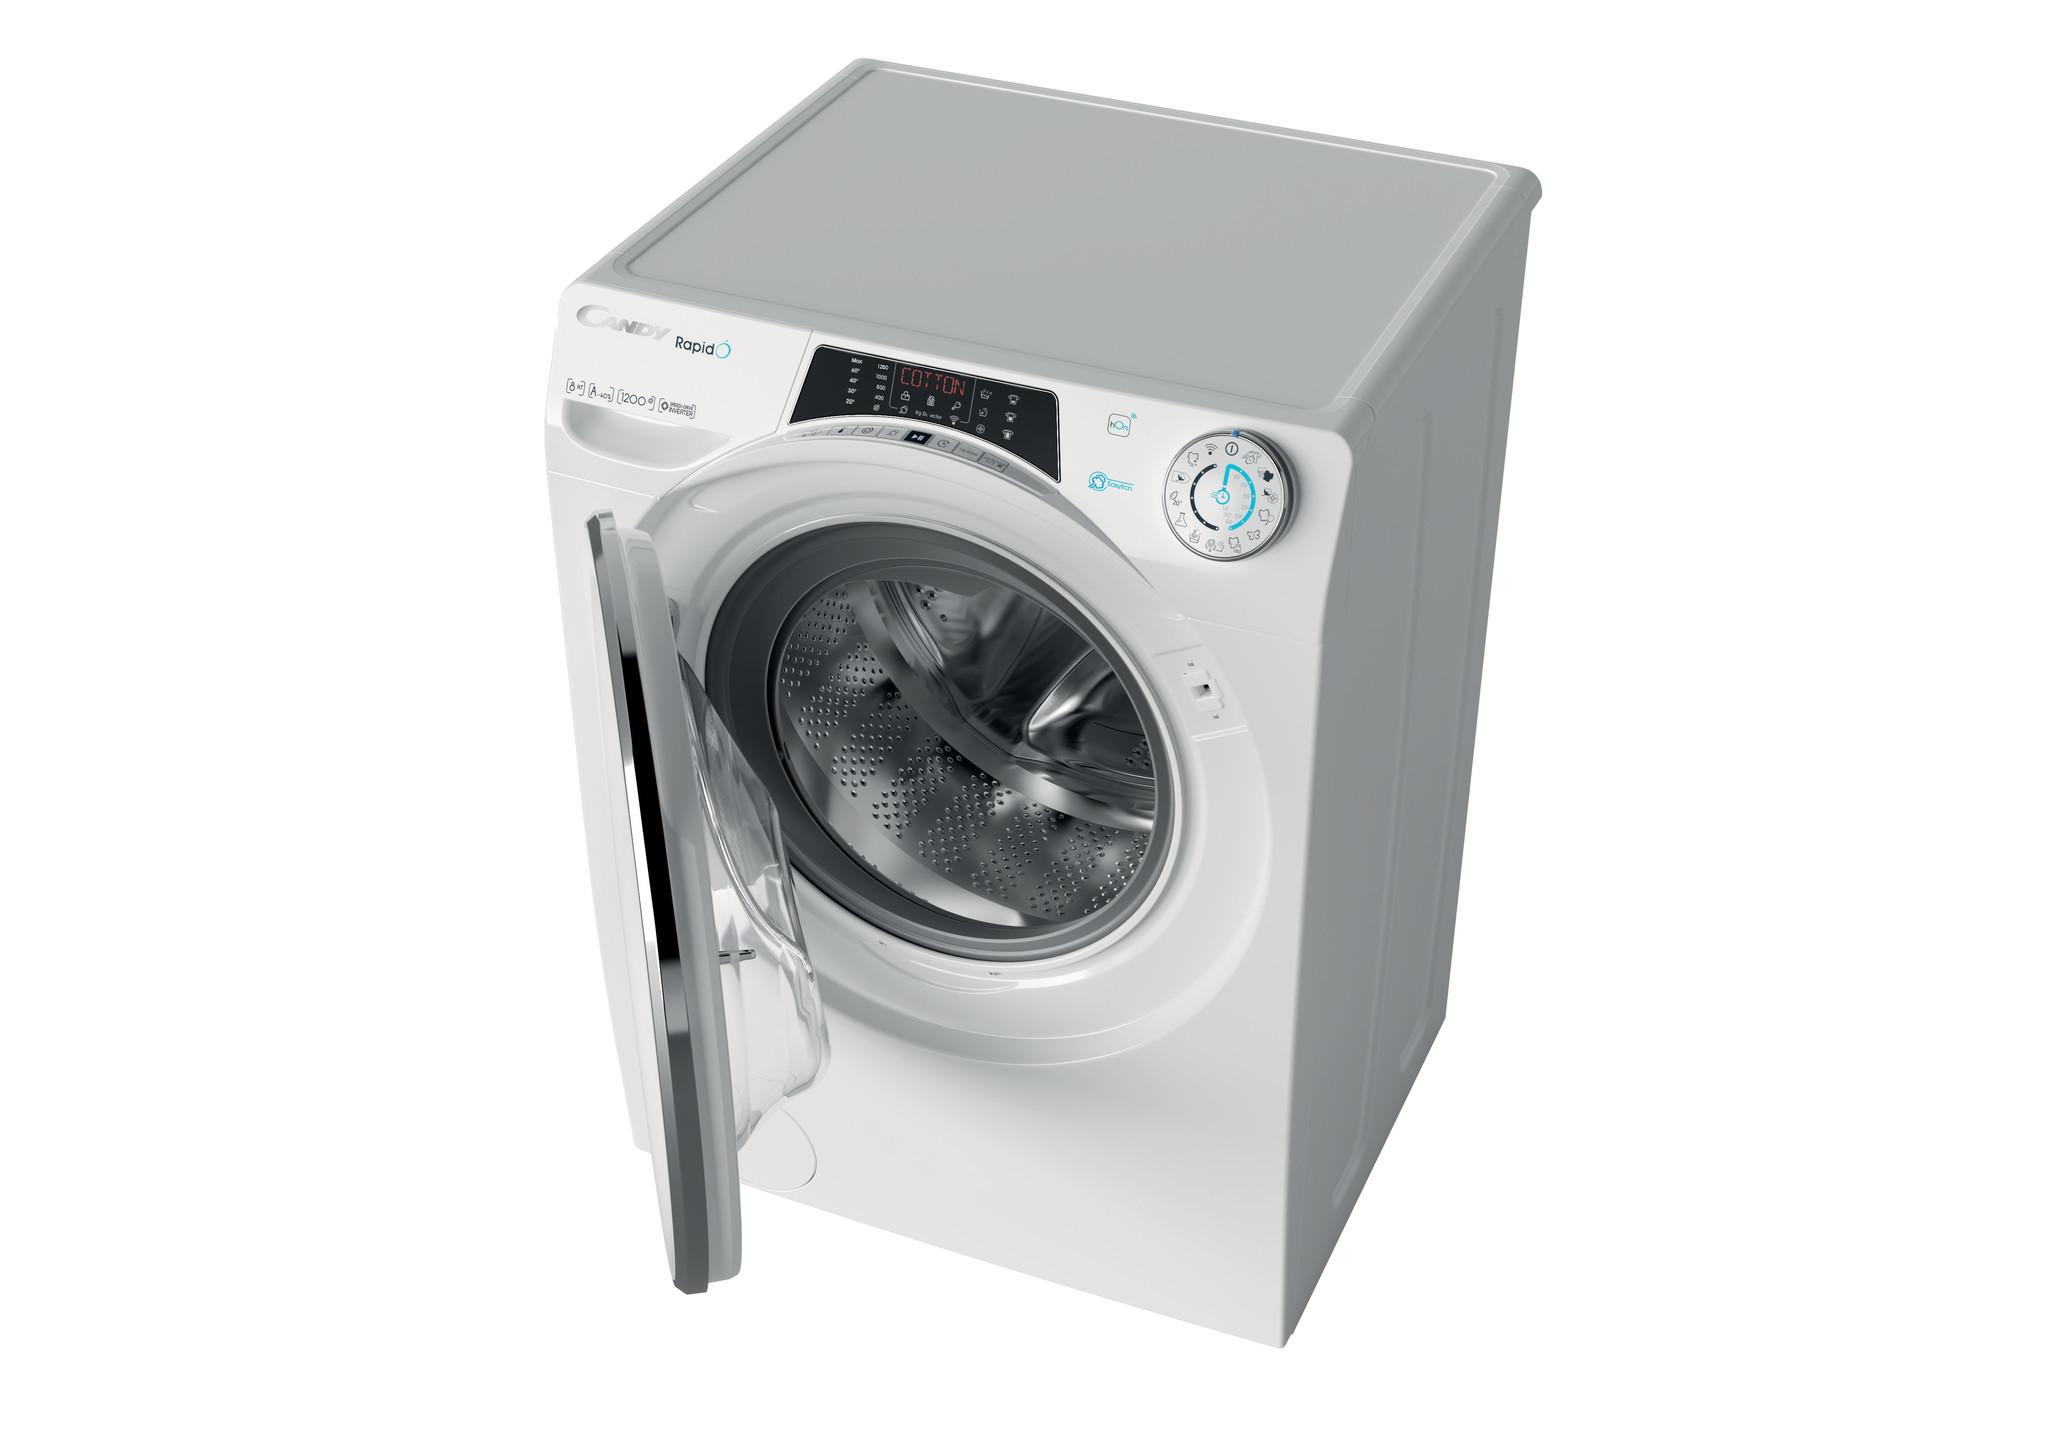 Узкая стиральная машина Candy RapidO RO44 1286DWMC4-07 фото 5